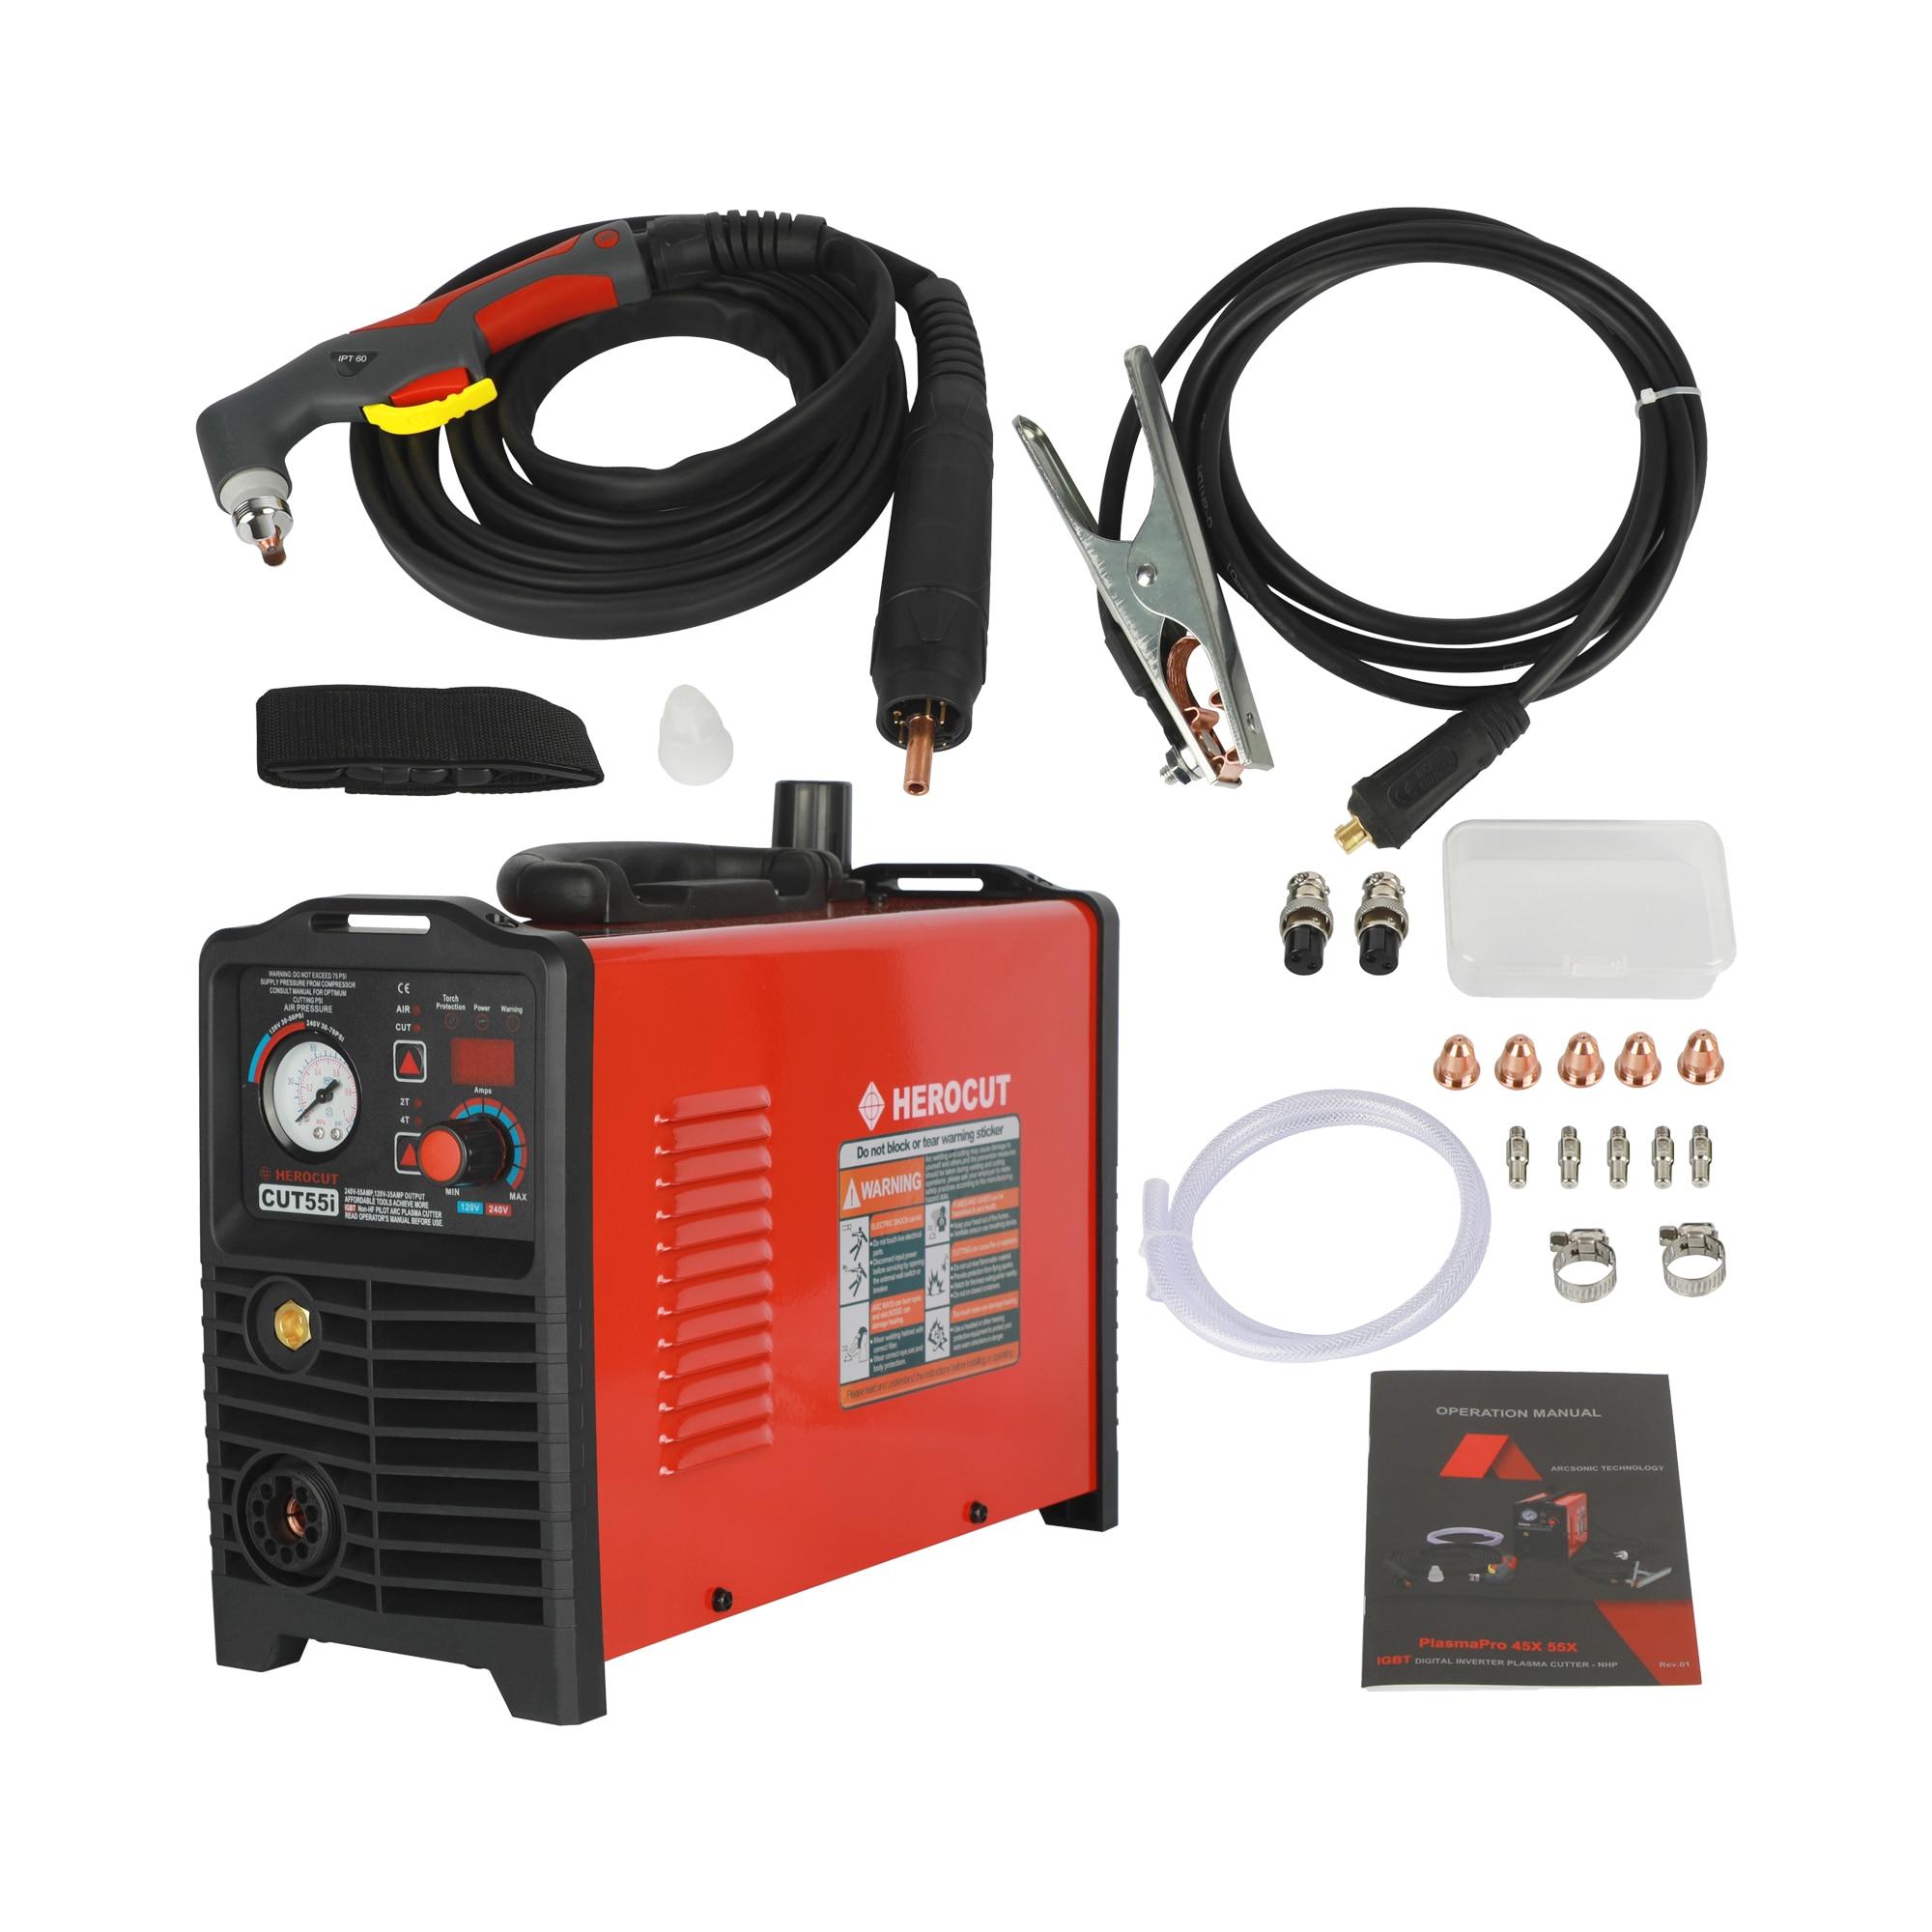 CNC IGBT Cut55i LCD Blow-back без HF пилота дуговой плазменной резки напряжение 120 В/240 в, плазменный резак с ЧПУ